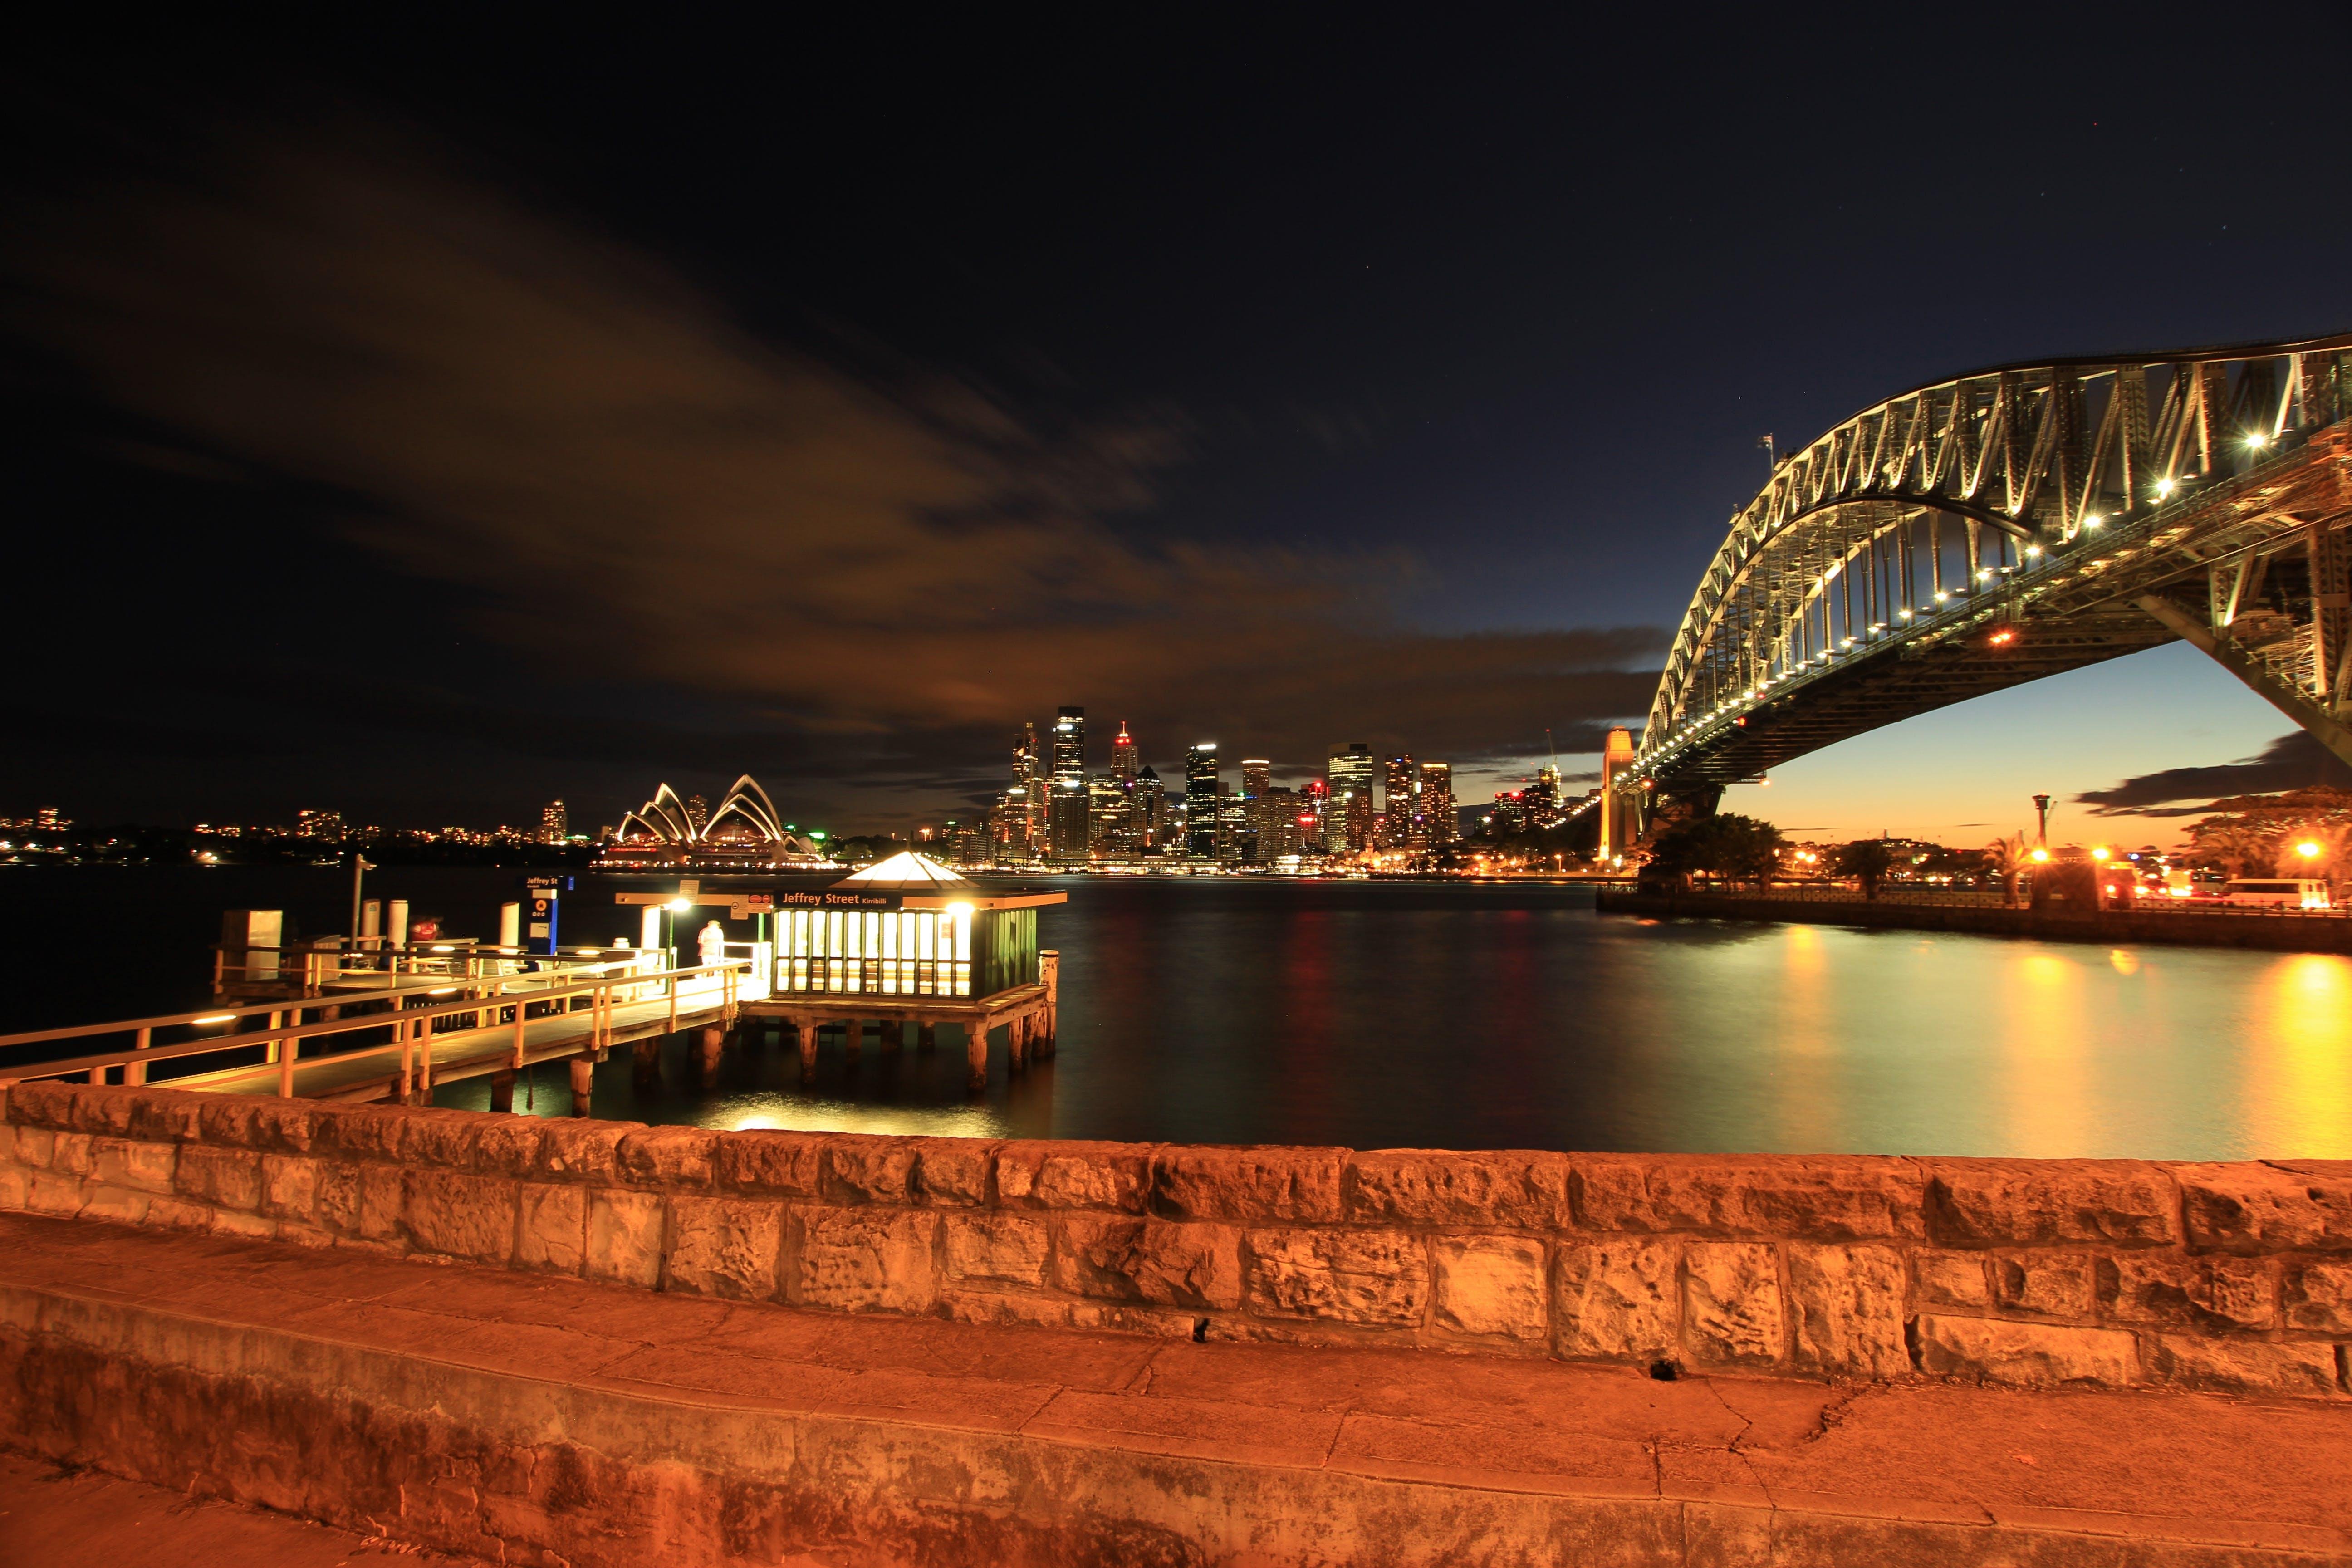 Kostnadsfri bild av arkitektur, bro, byggnad, gryning